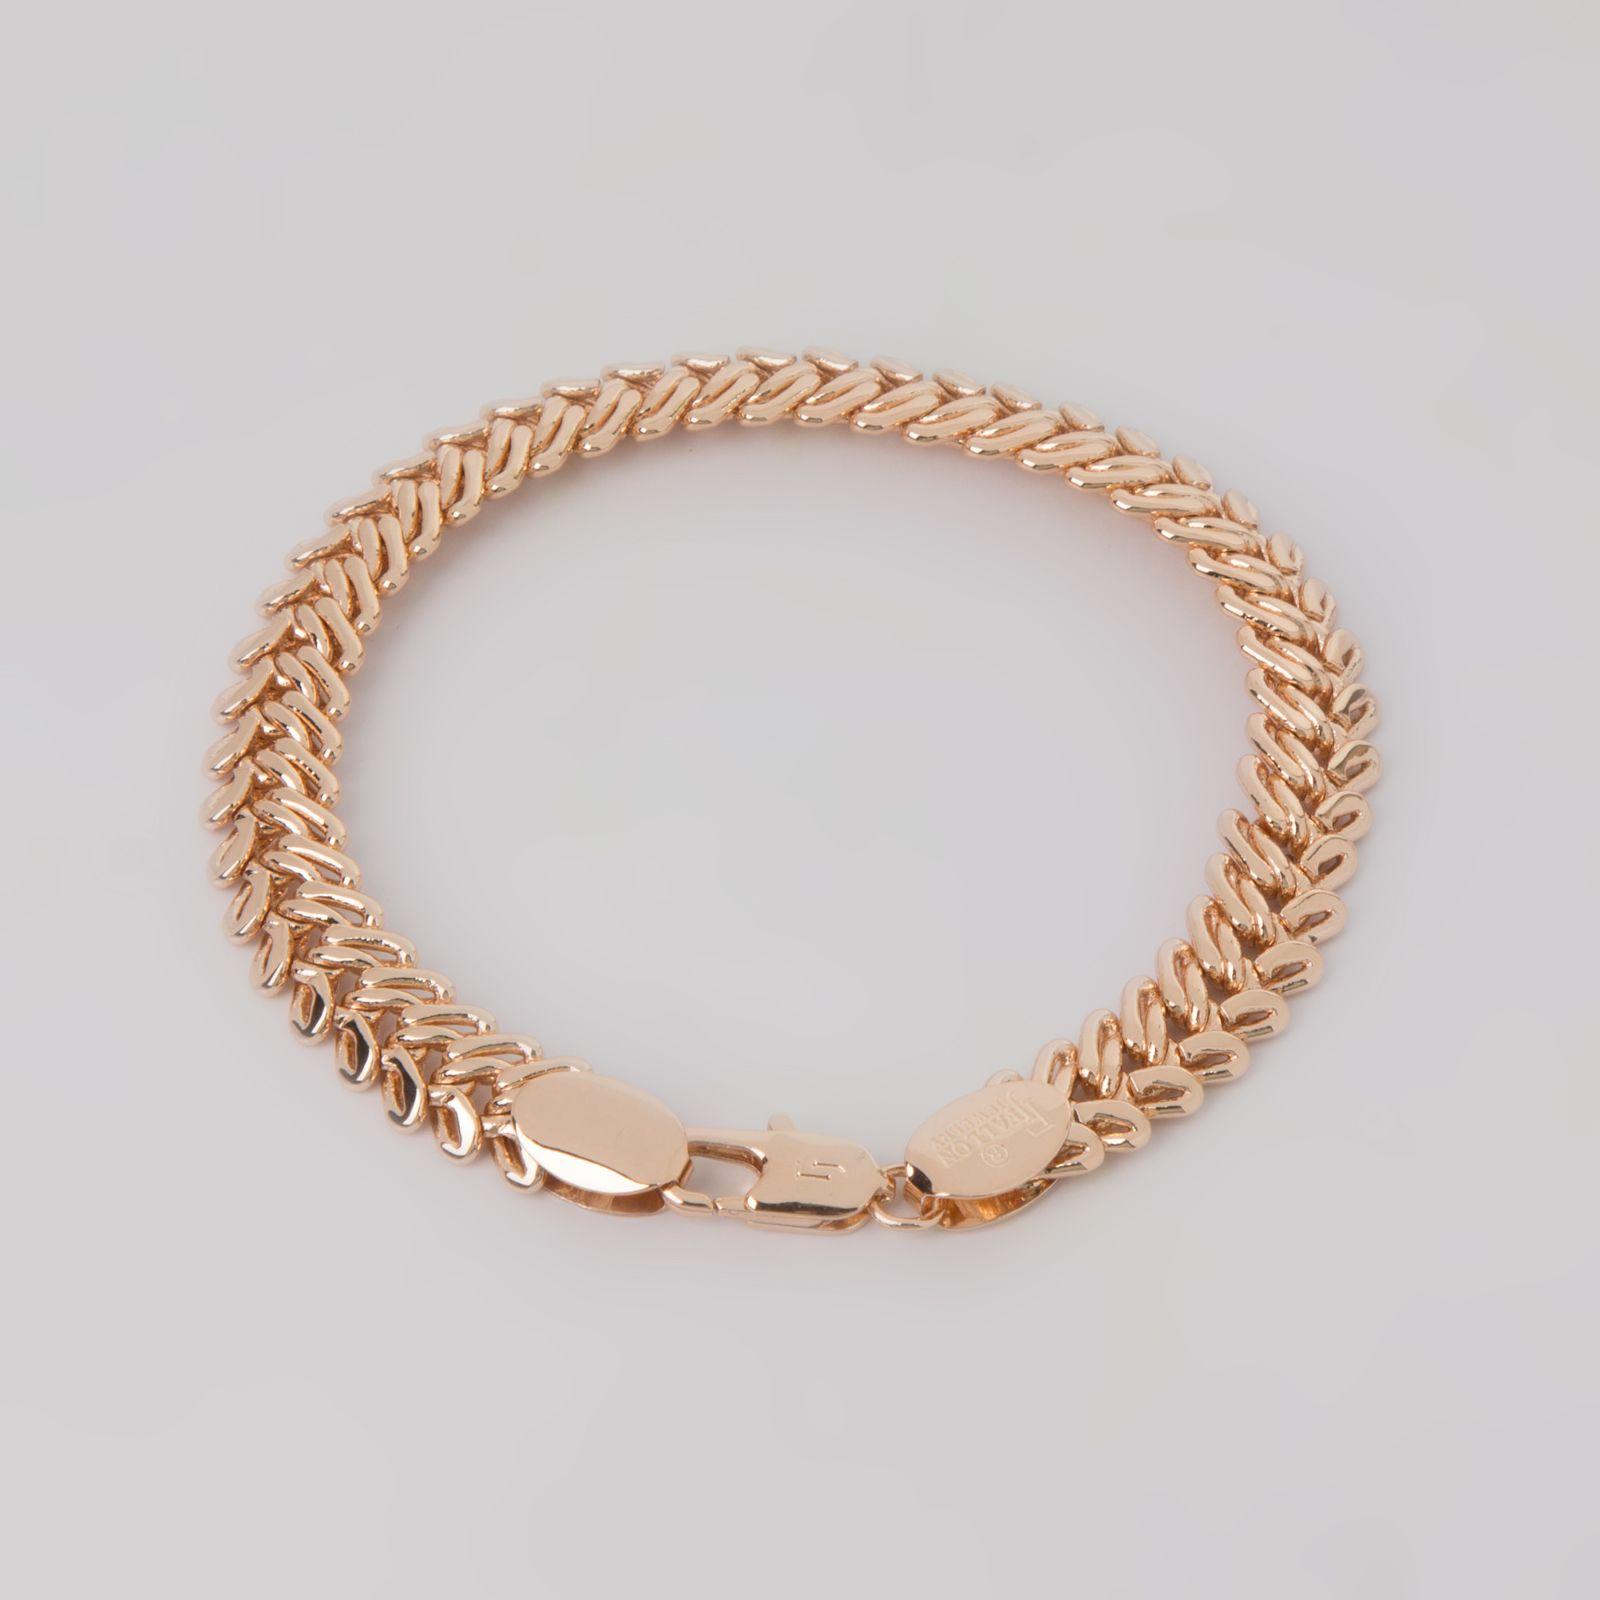 Браслет «Соблазн» купить браслет пандора в интернет магазине оригинал